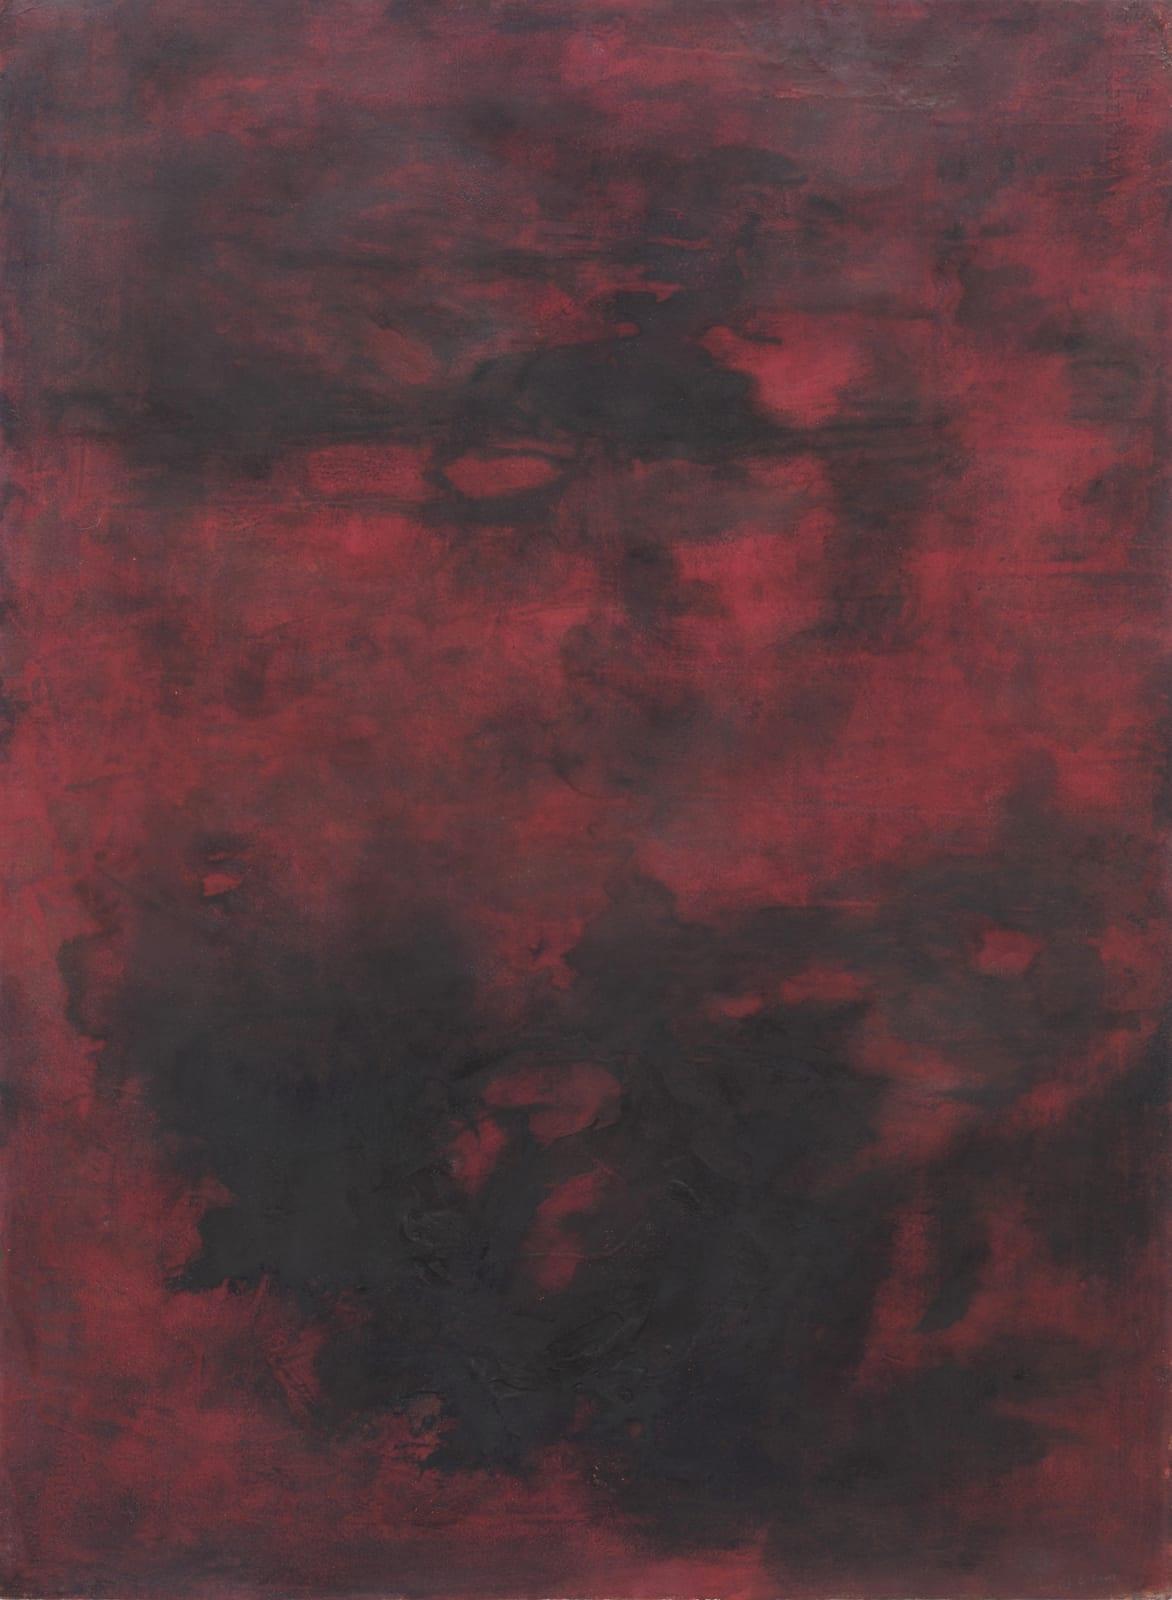 Lalan 謝景蘭, Untitled《無題》, 1960s